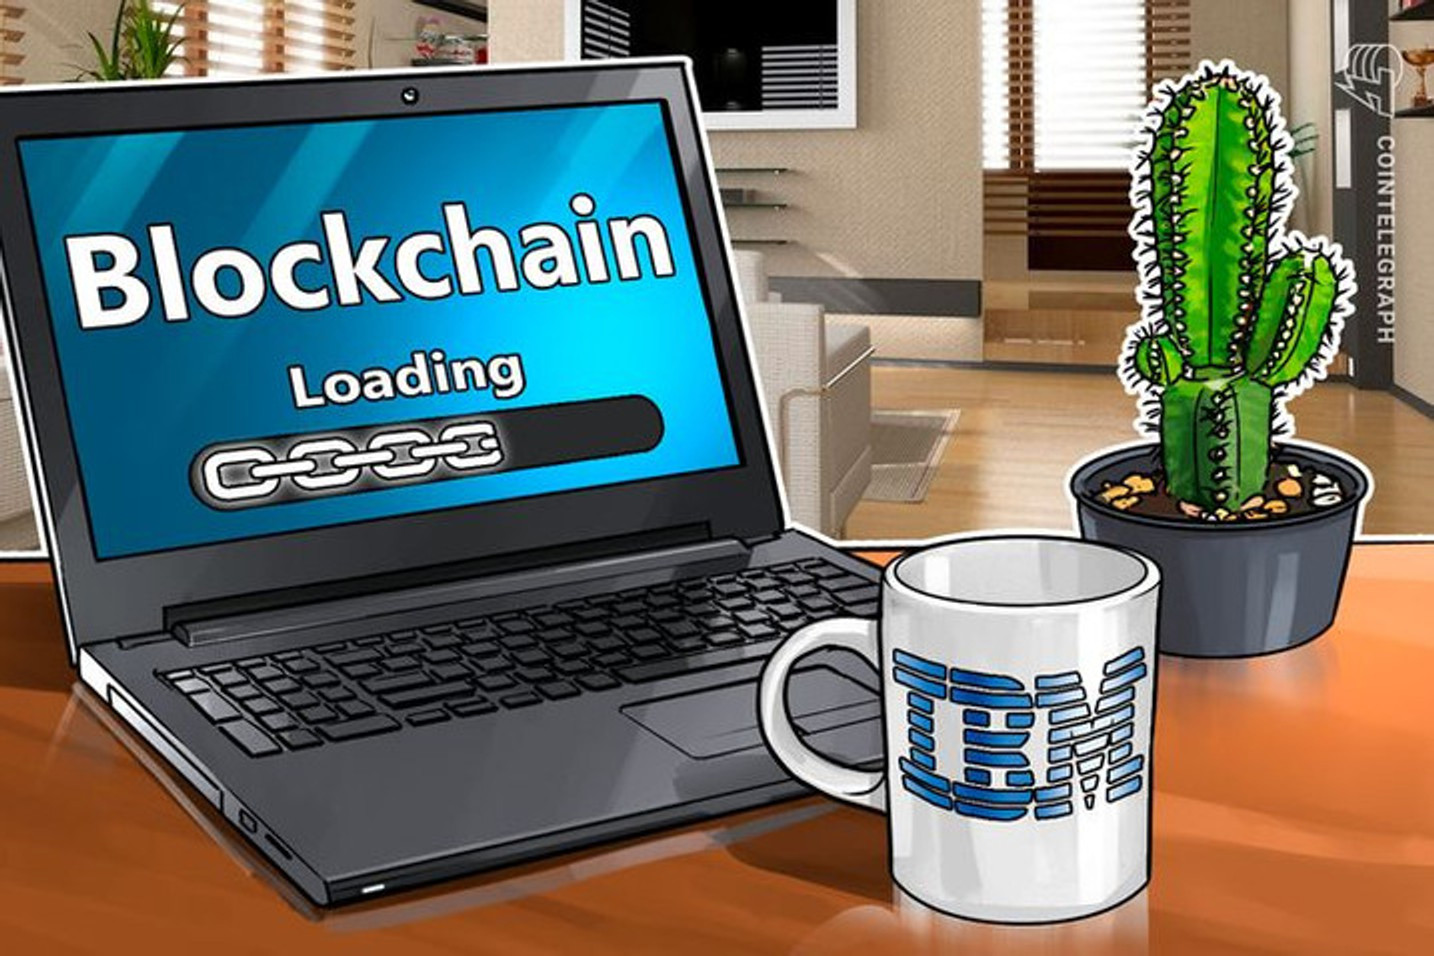 Ejecutiva de IBM opina que empresas requieren nuevo hardware y software para entornos híbridos, como IA, Blockchain e IoT